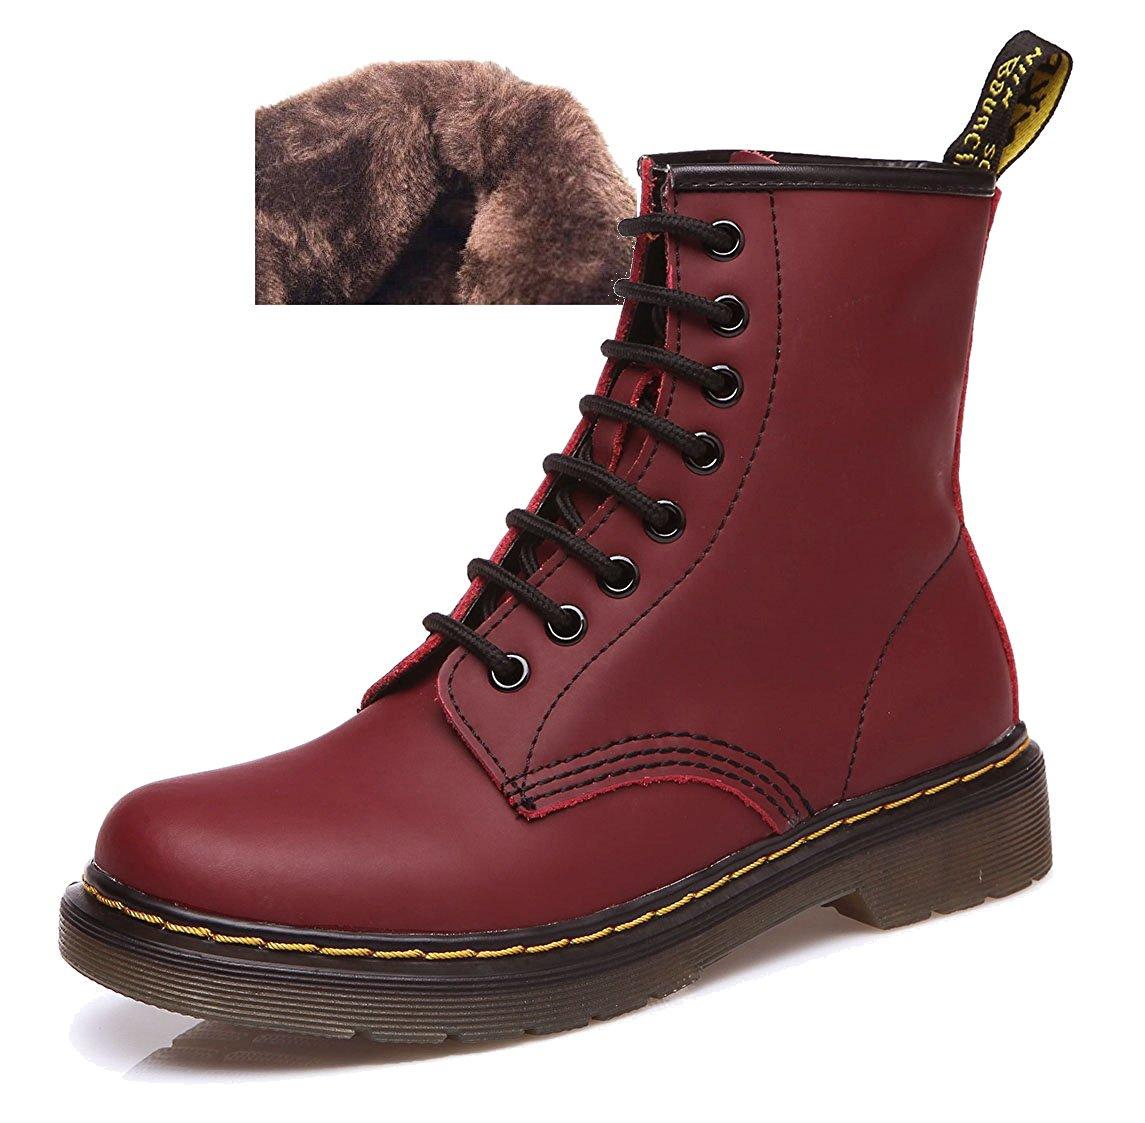 uBeauty Chaussures - Lacets Bottes Femme uBeauty - Martin Bottes - Boots Flattie Sport - Chaussures Classiques - Bottines À Lacets Velours rose 627a37a - shopssong.space